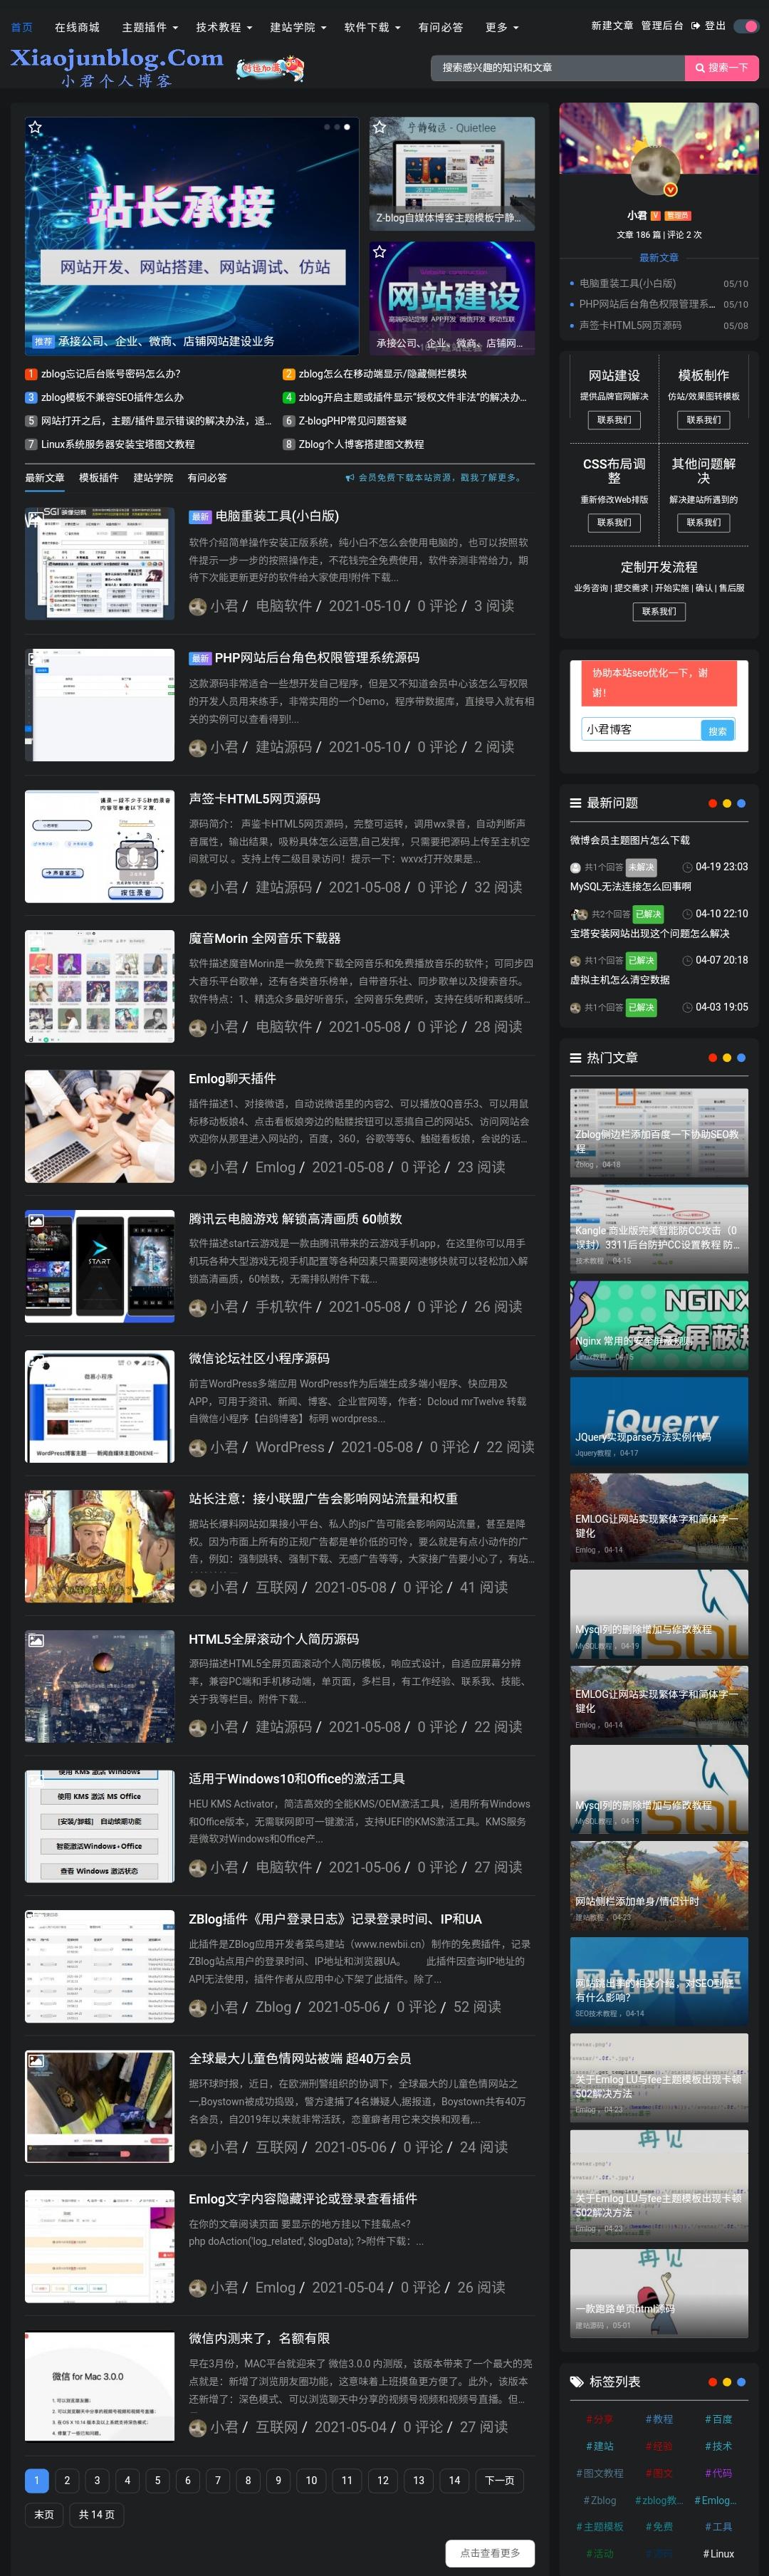 Z-blog自媒体博客主题模板宁静致远(Quietlee),博客自用主题,Zblog,主题模板,zblog模板,zblog主题,第20张